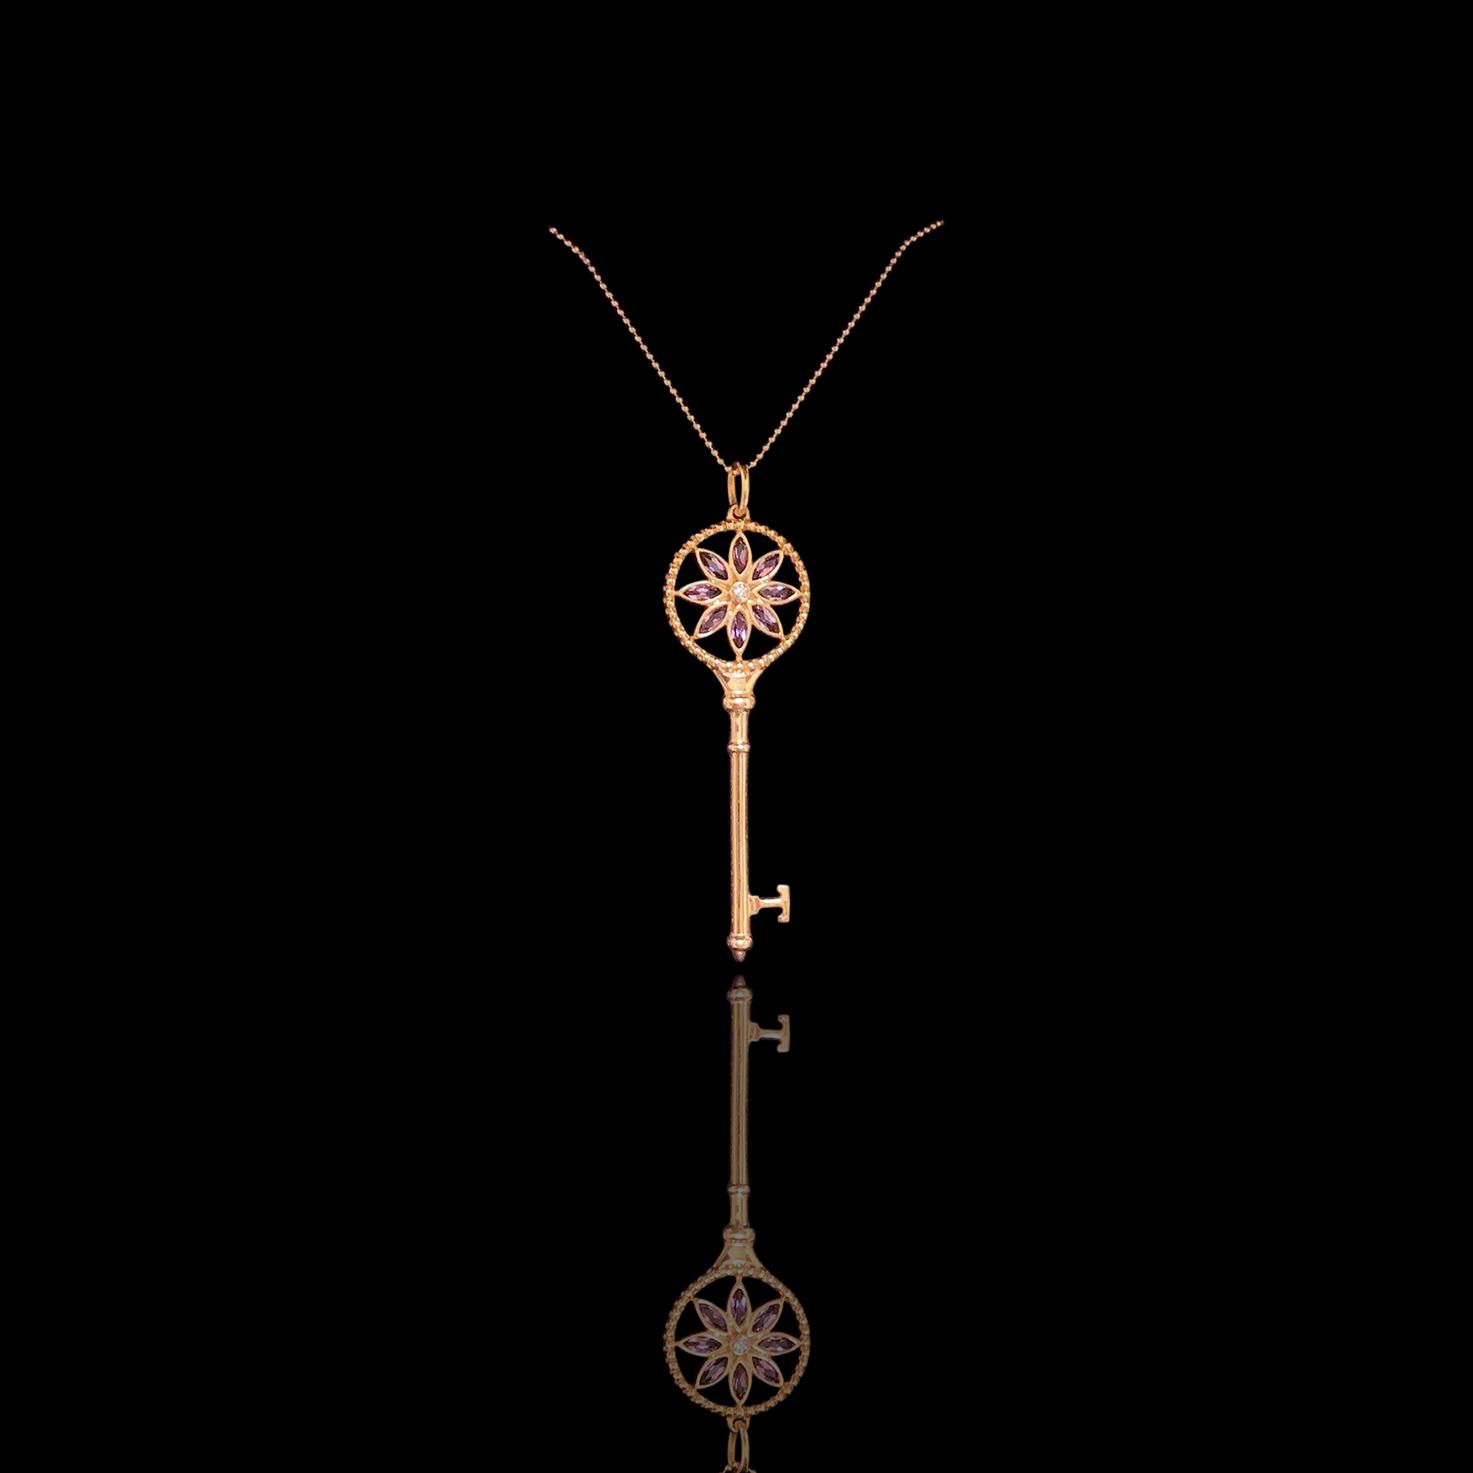 Lot 18 - Tiffany Keys Daisy Key Necklace, Tiffany & Co.